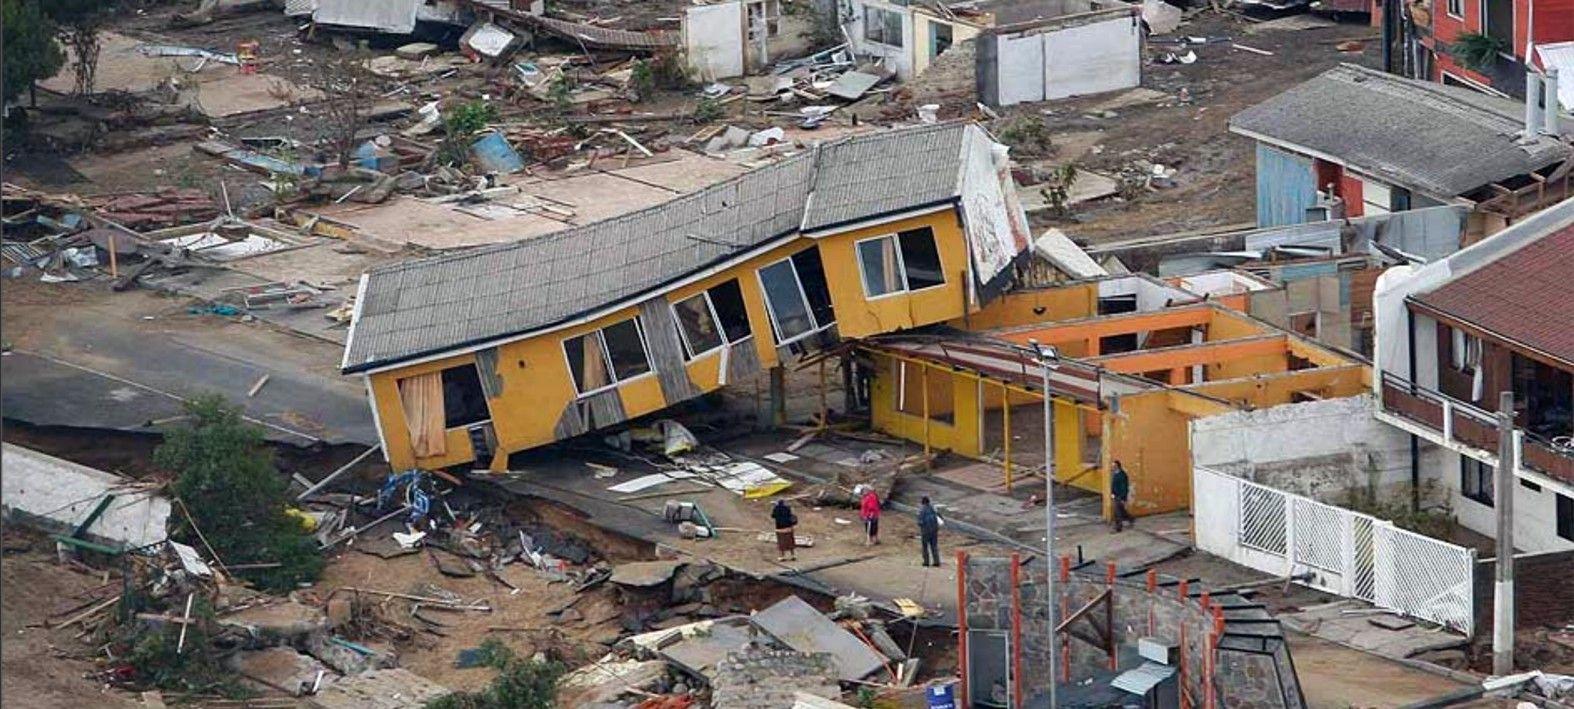 Terremoto Y Tsunami De Chile Terremoto En Chile Terremoto Desastres Naturales